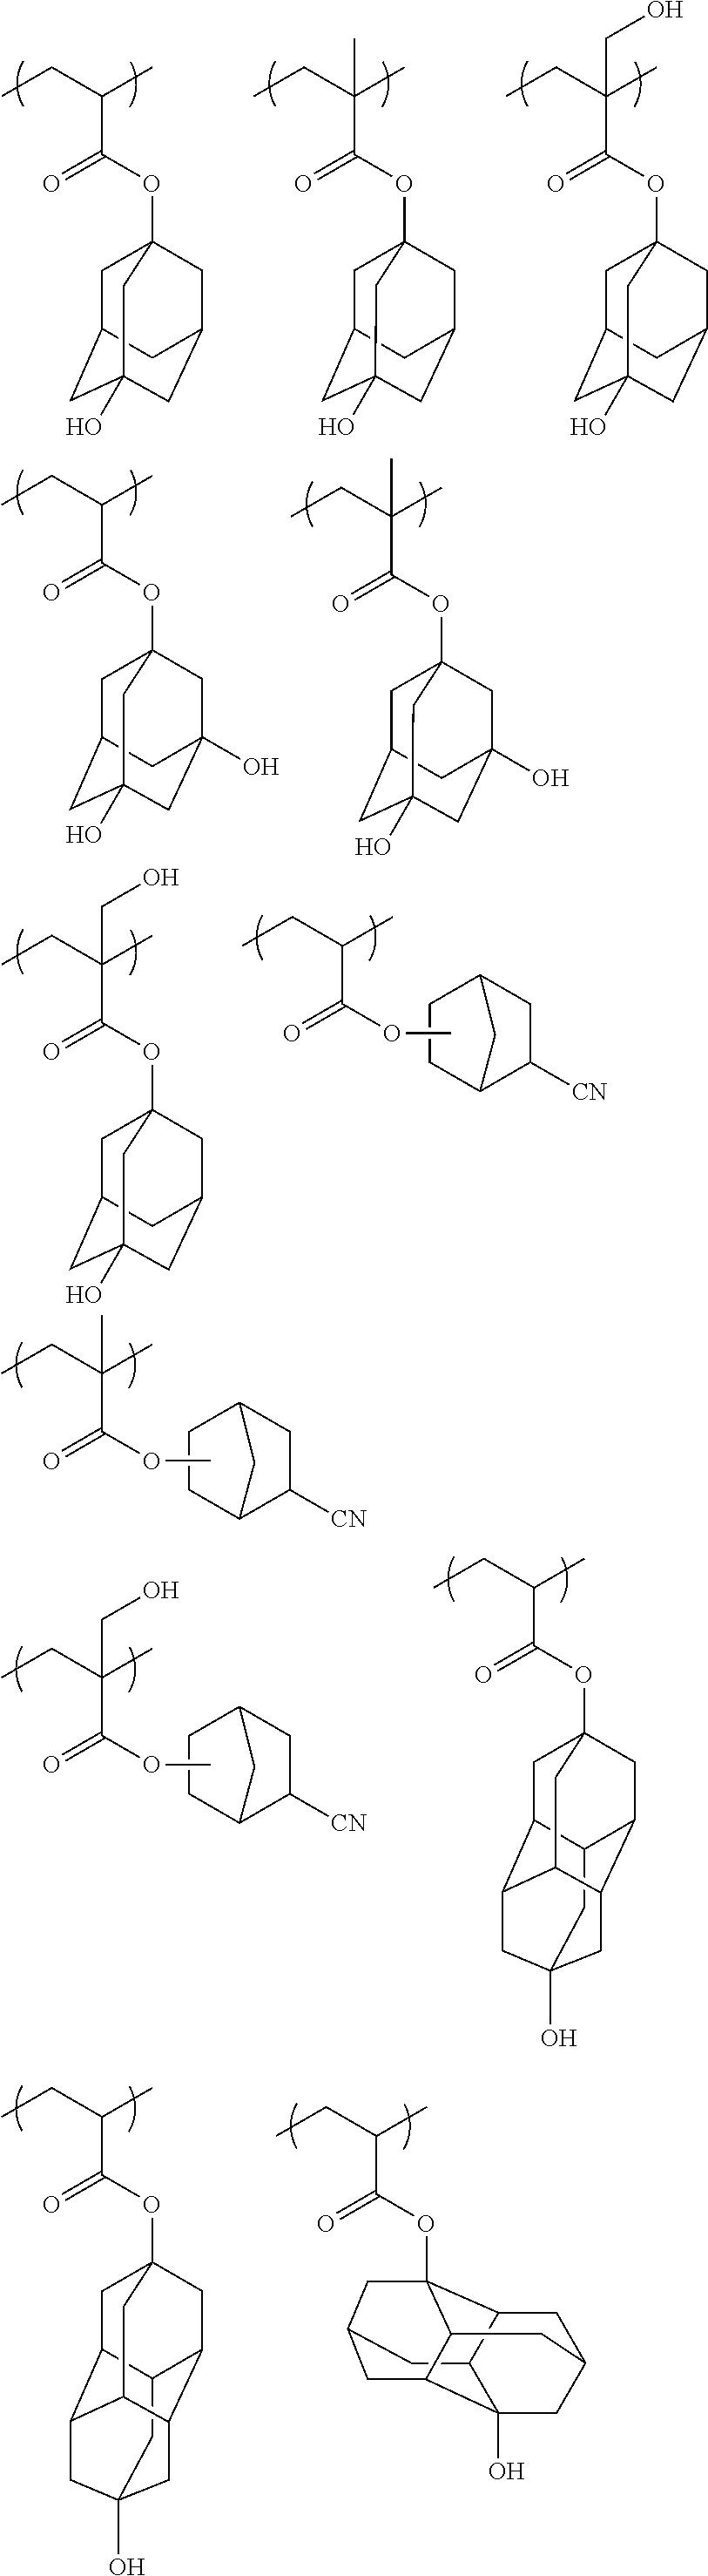 Figure US08071272-20111206-C00028